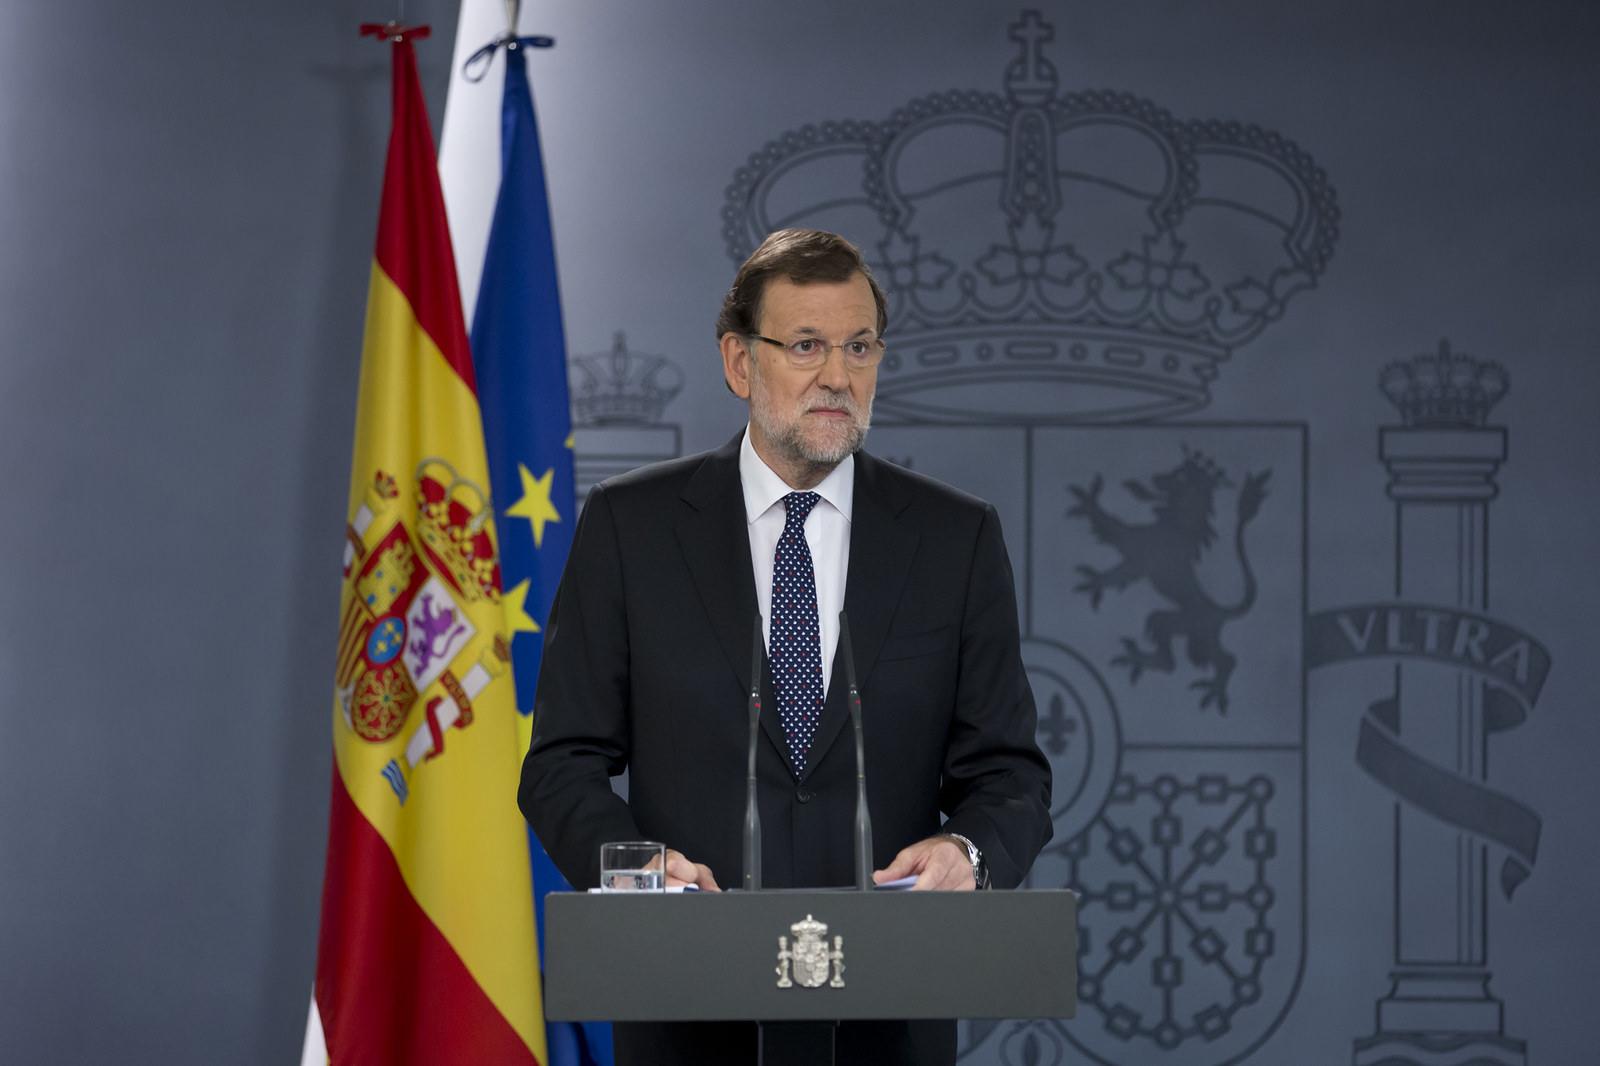 Flickr: La Moncloa-Gobierno de España